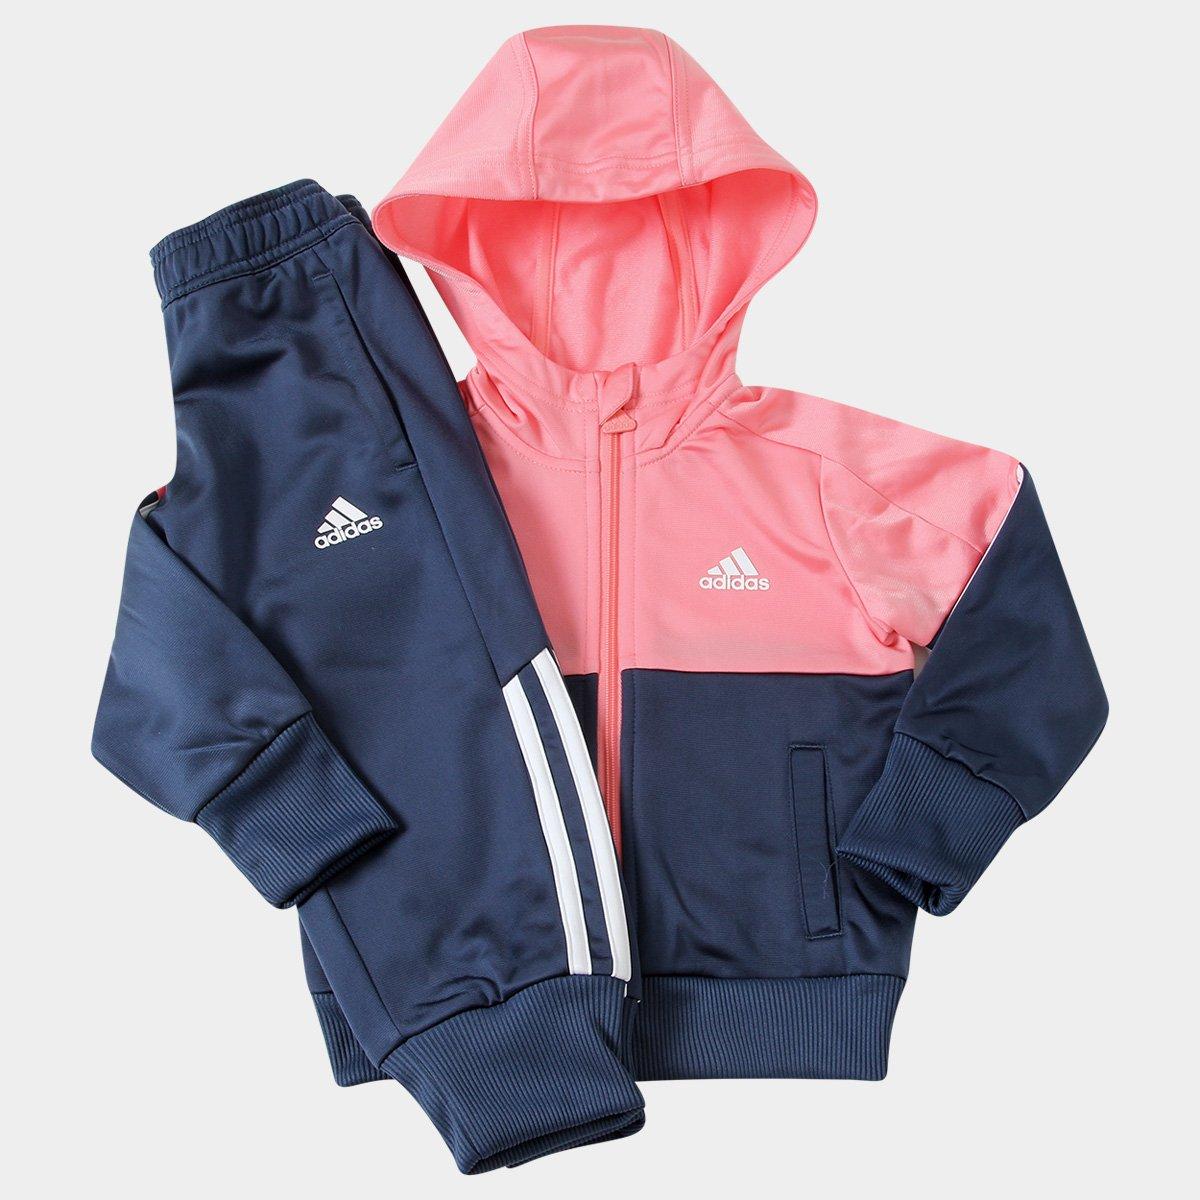 1bc5304280 Agasalho Adidas YB Ts Tiro Kn Infantil comprar agasalho adidas infantil